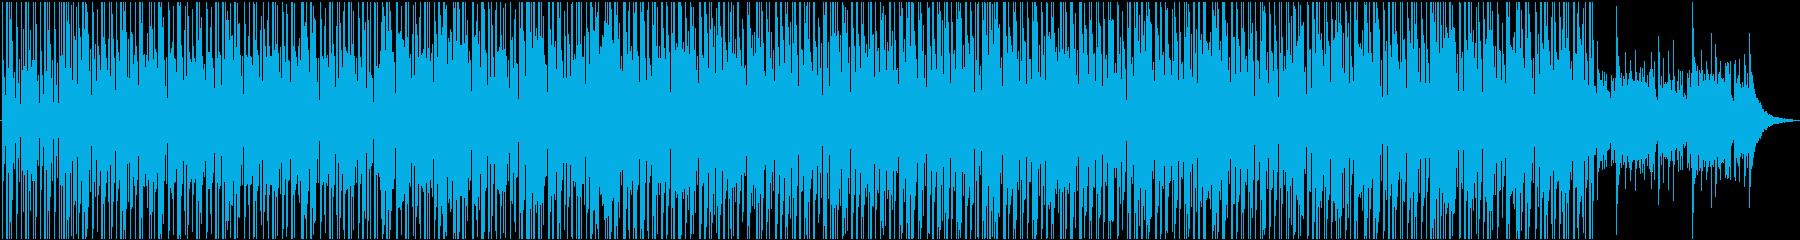 ポップロック バラード ポジティブ...の再生済みの波形